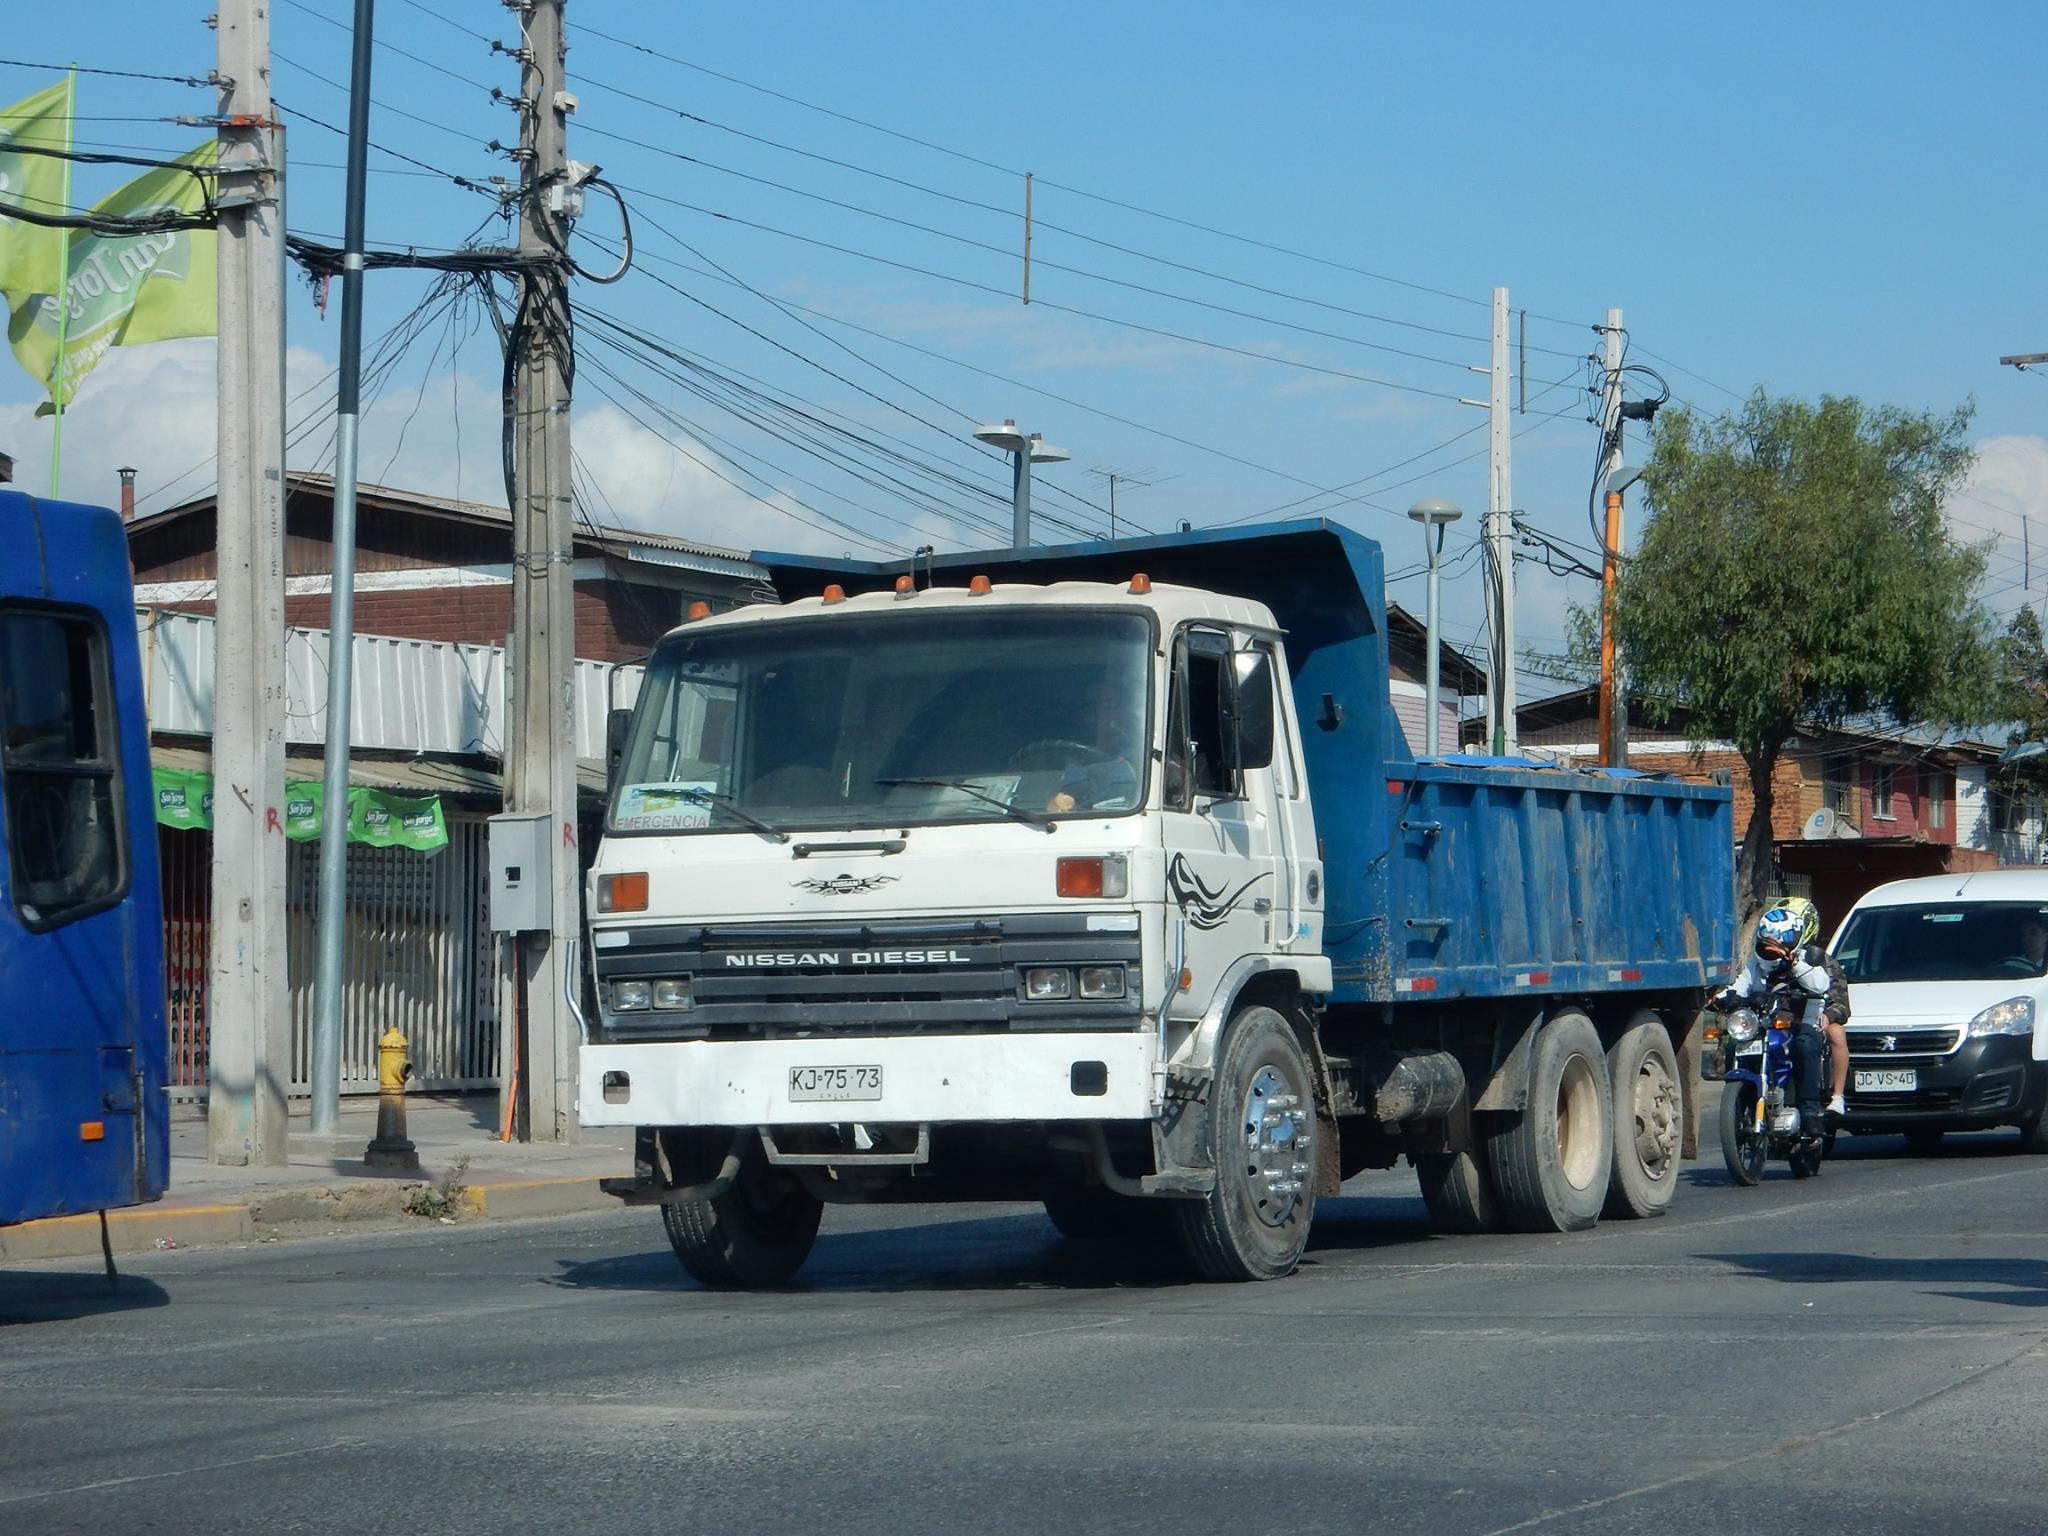 Nissan-Diesel